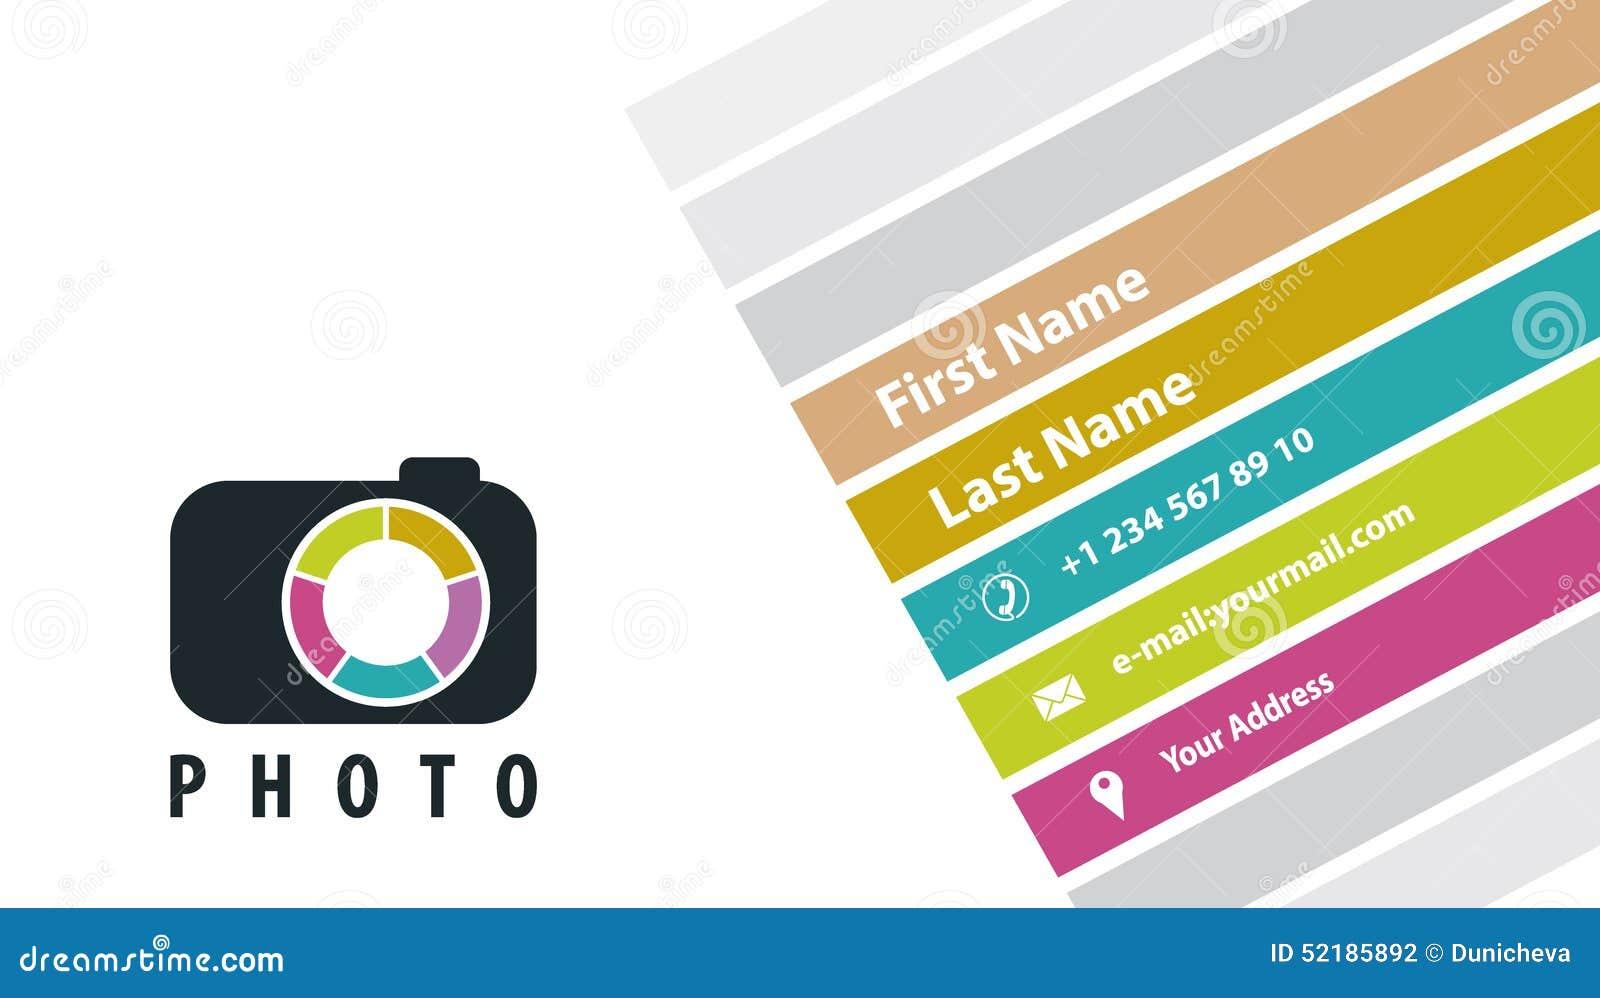 Photographe Creatif De Carte Visite Professionnelle